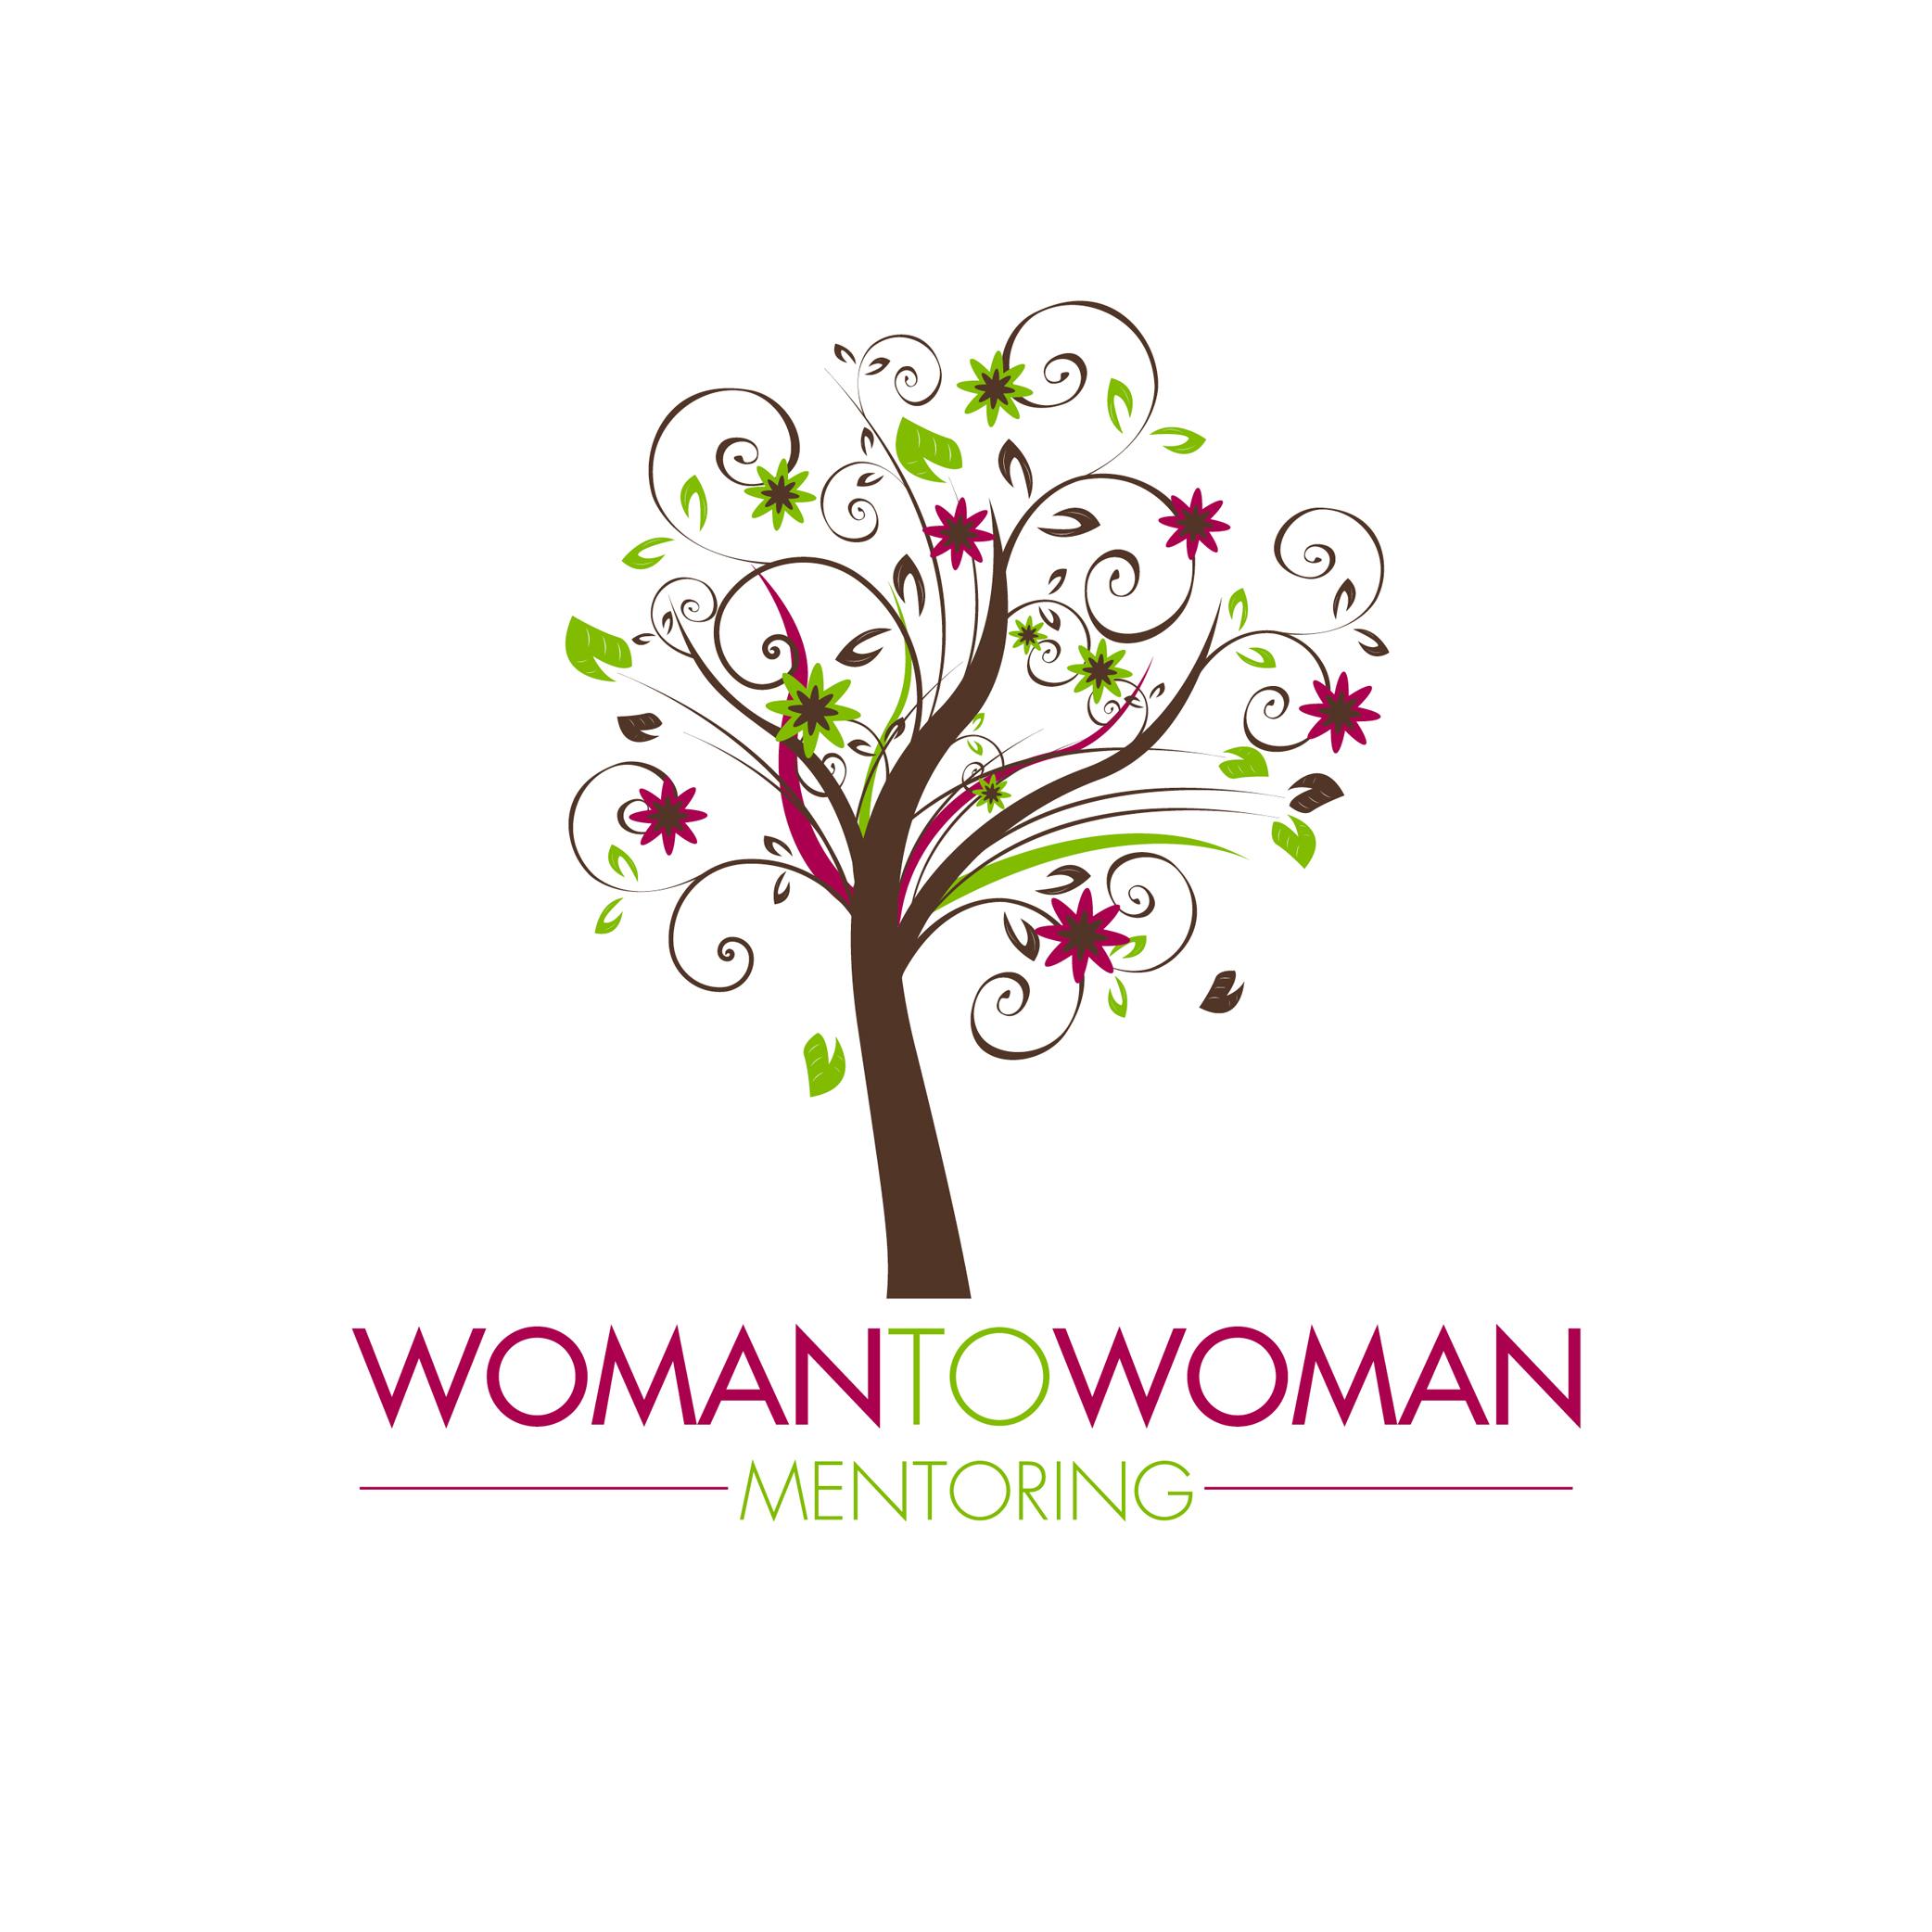 Wtwm logo 2015 copy